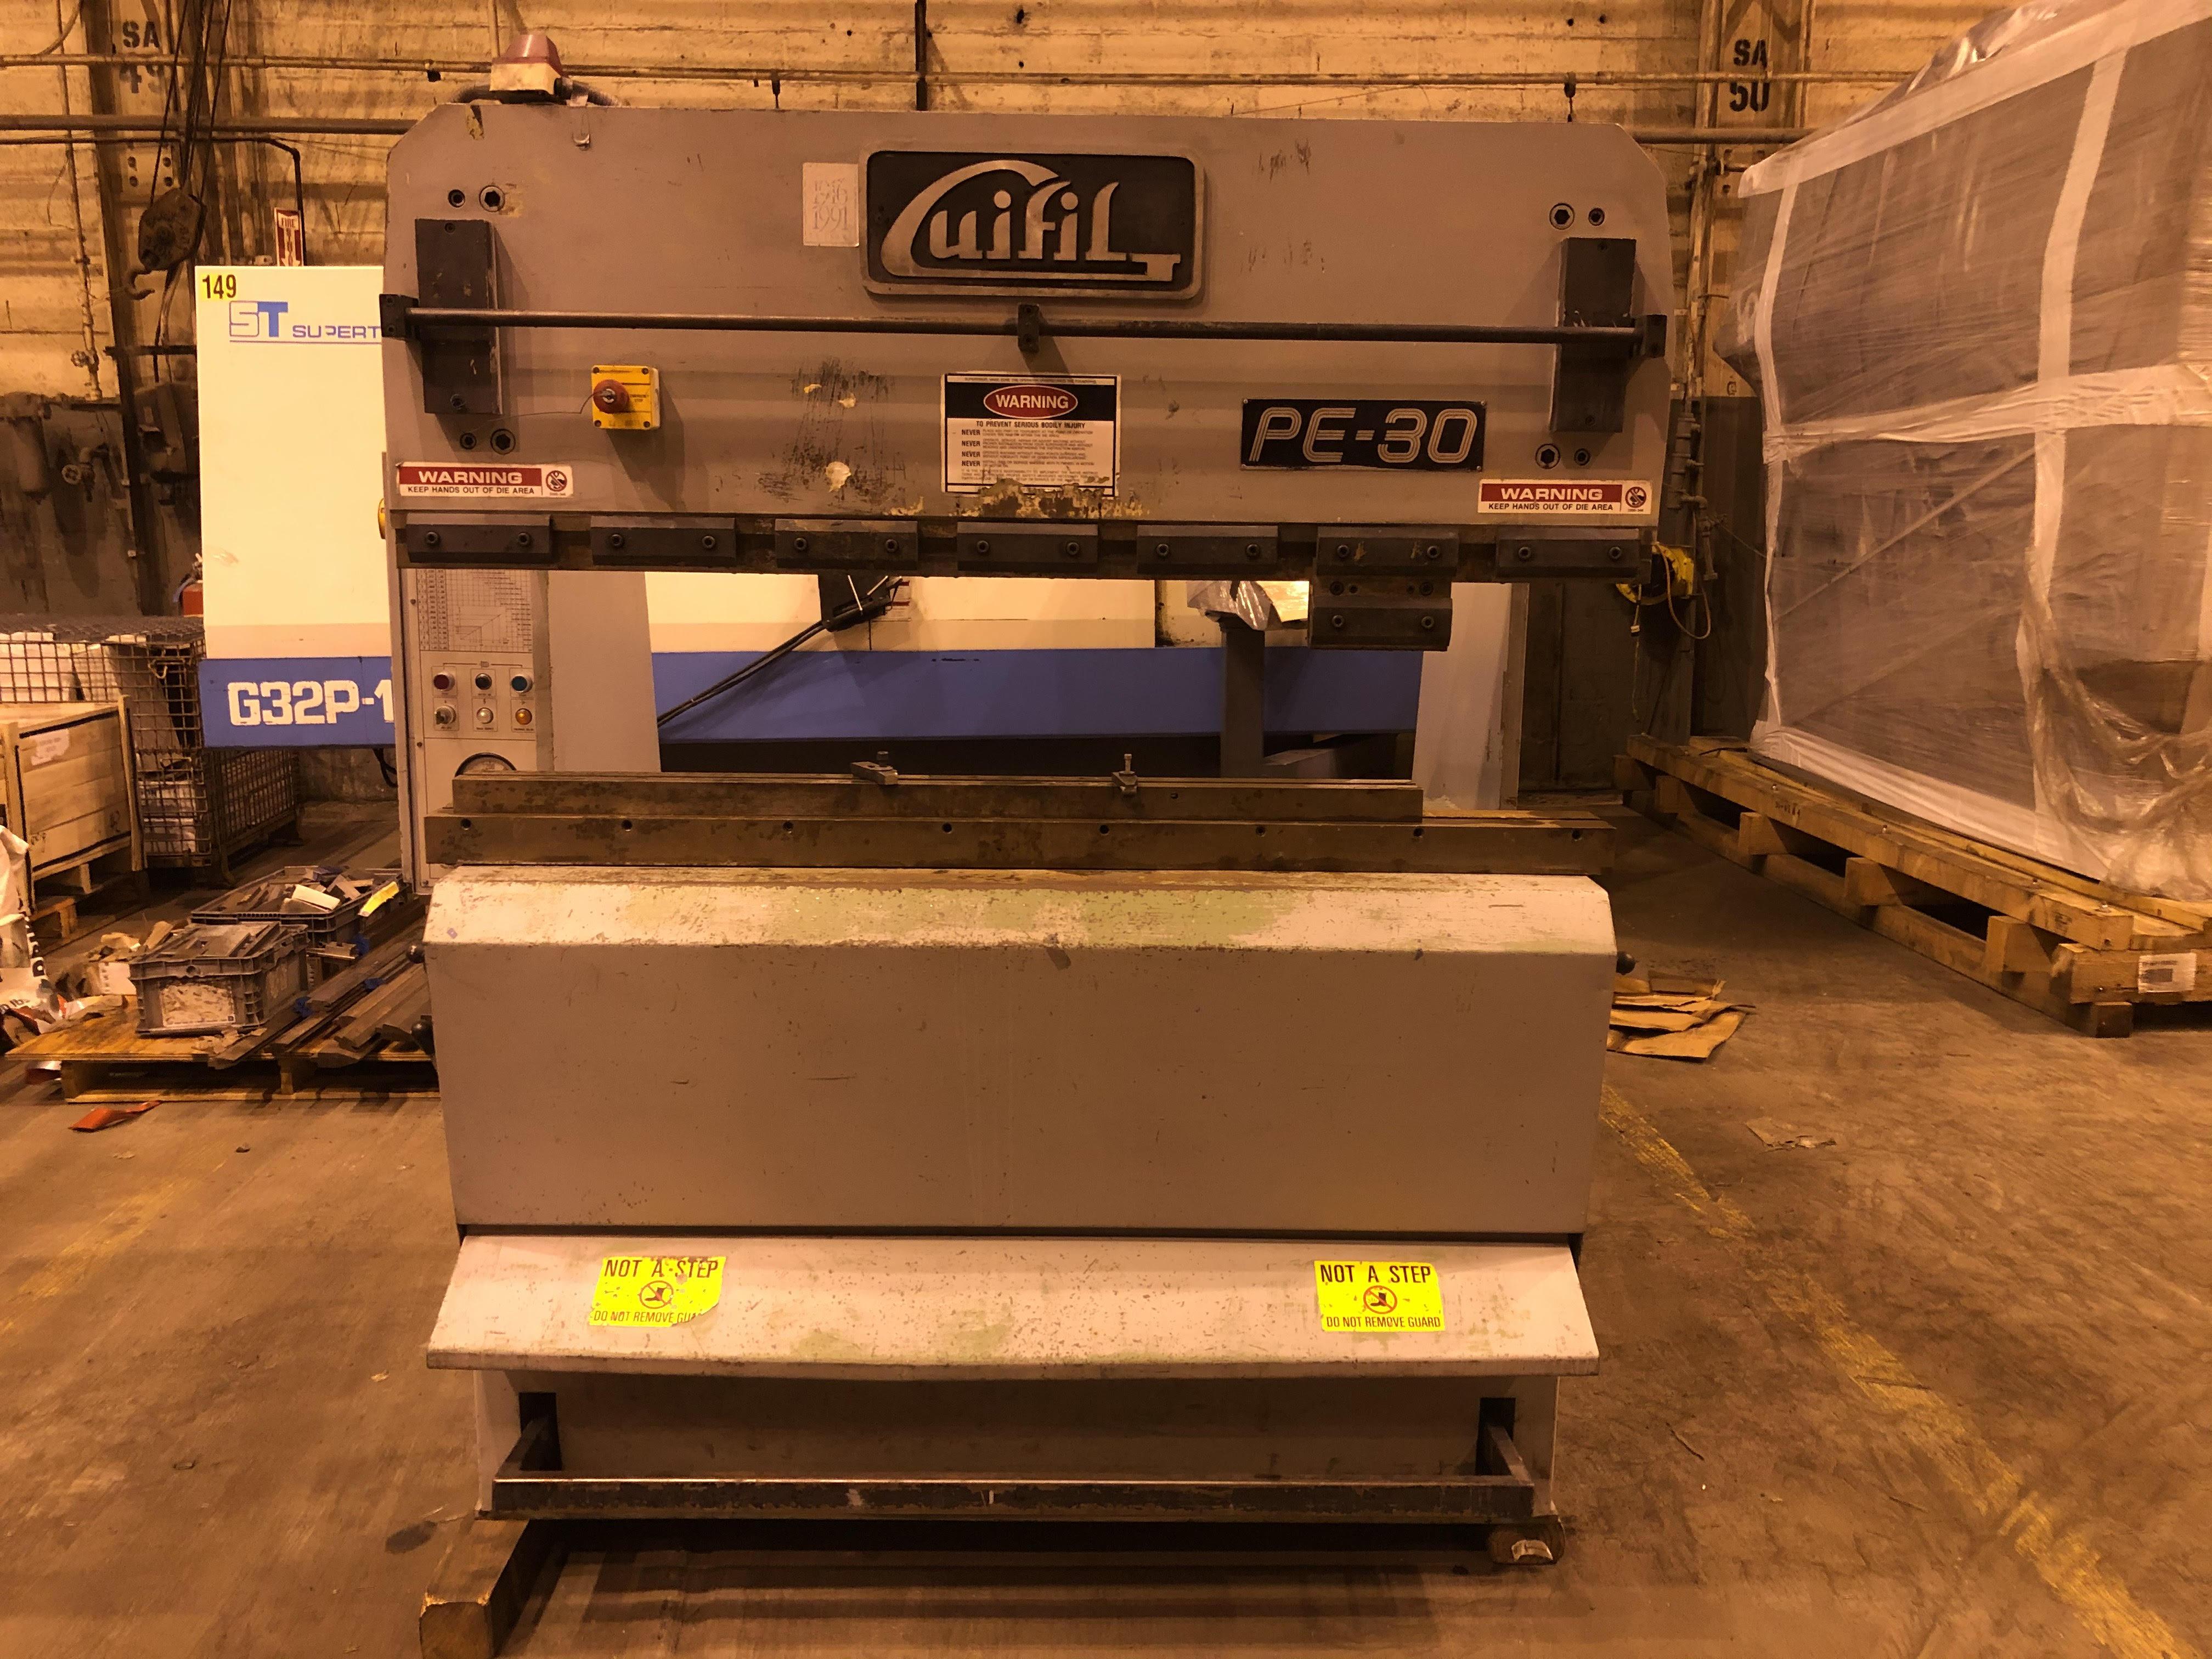 Guifil PE-30 33 Ton Press Brake - Image 5 of 14